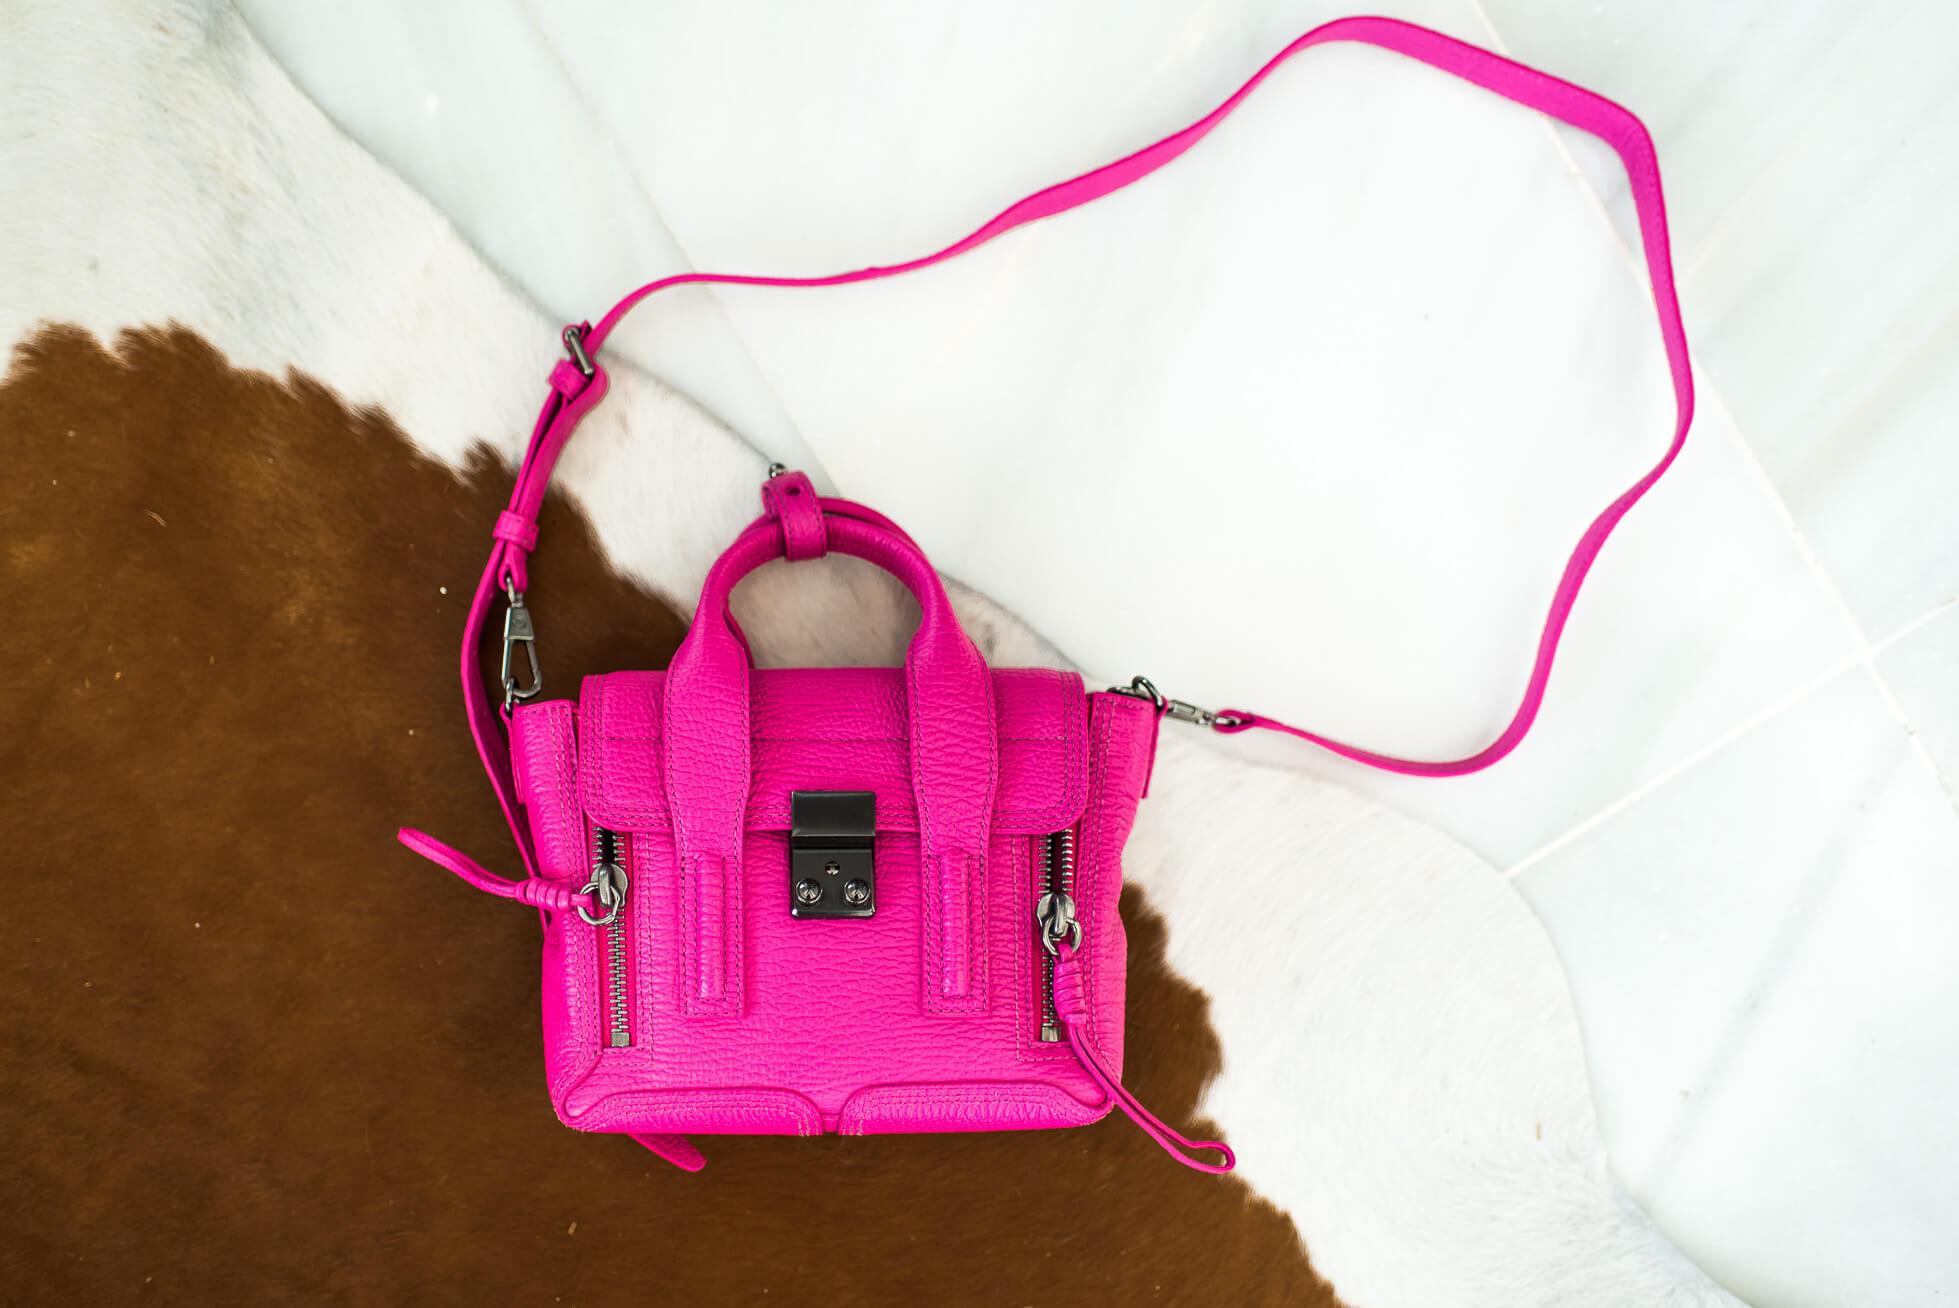 janni-deler-phillip-lim-pink-bagDSC_4397